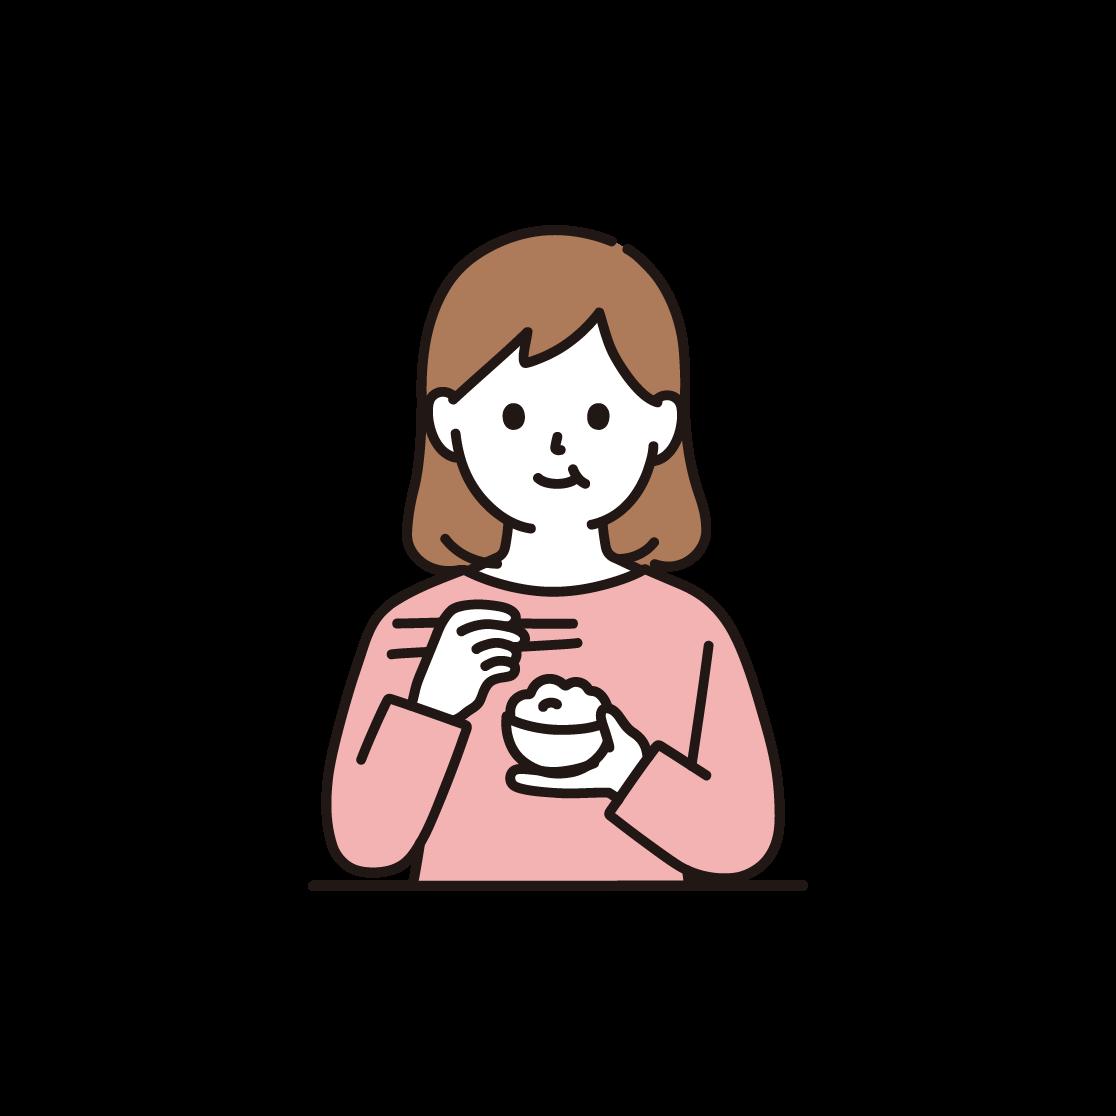 食事をする女性のイラスト